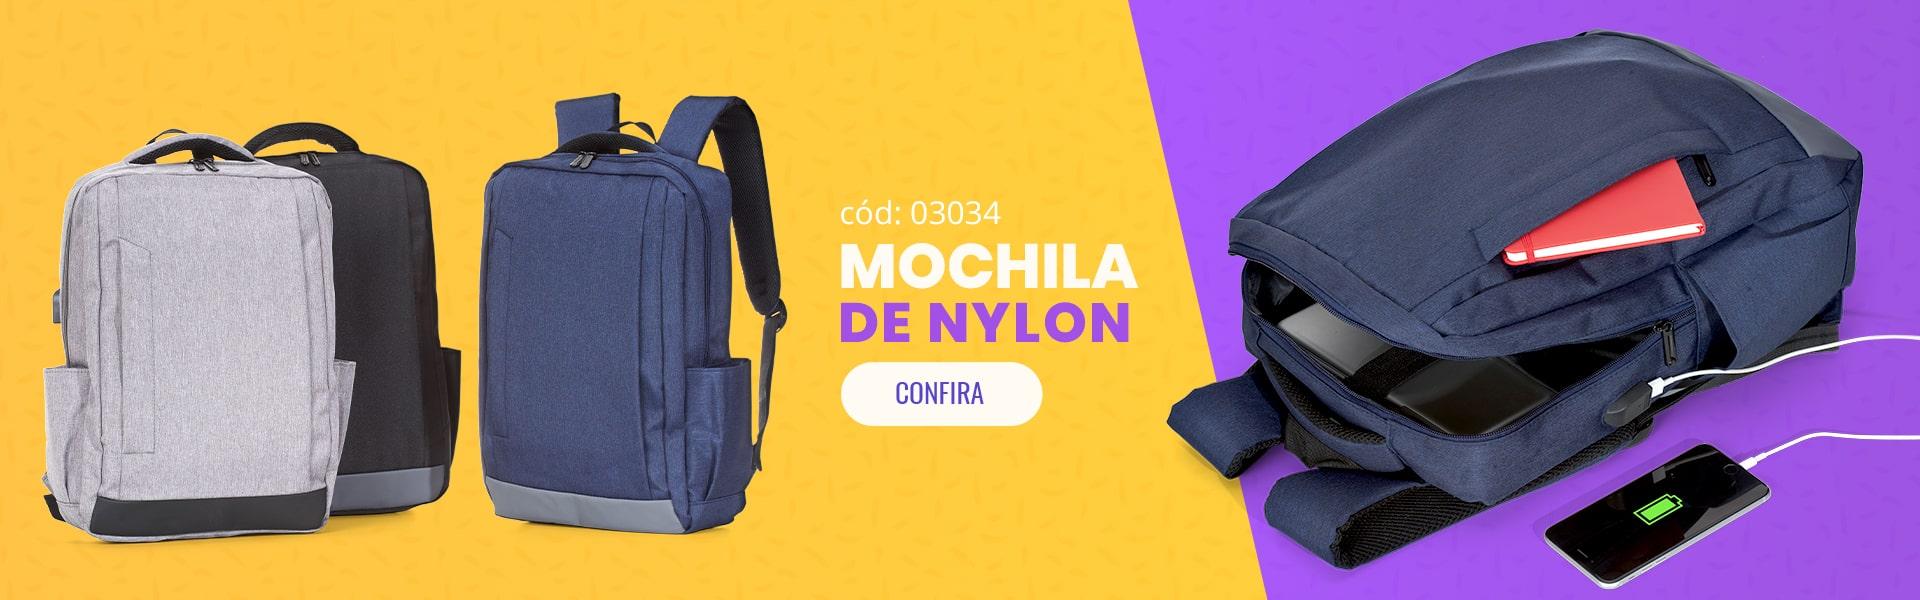 mochila-de-nylon-3034-001